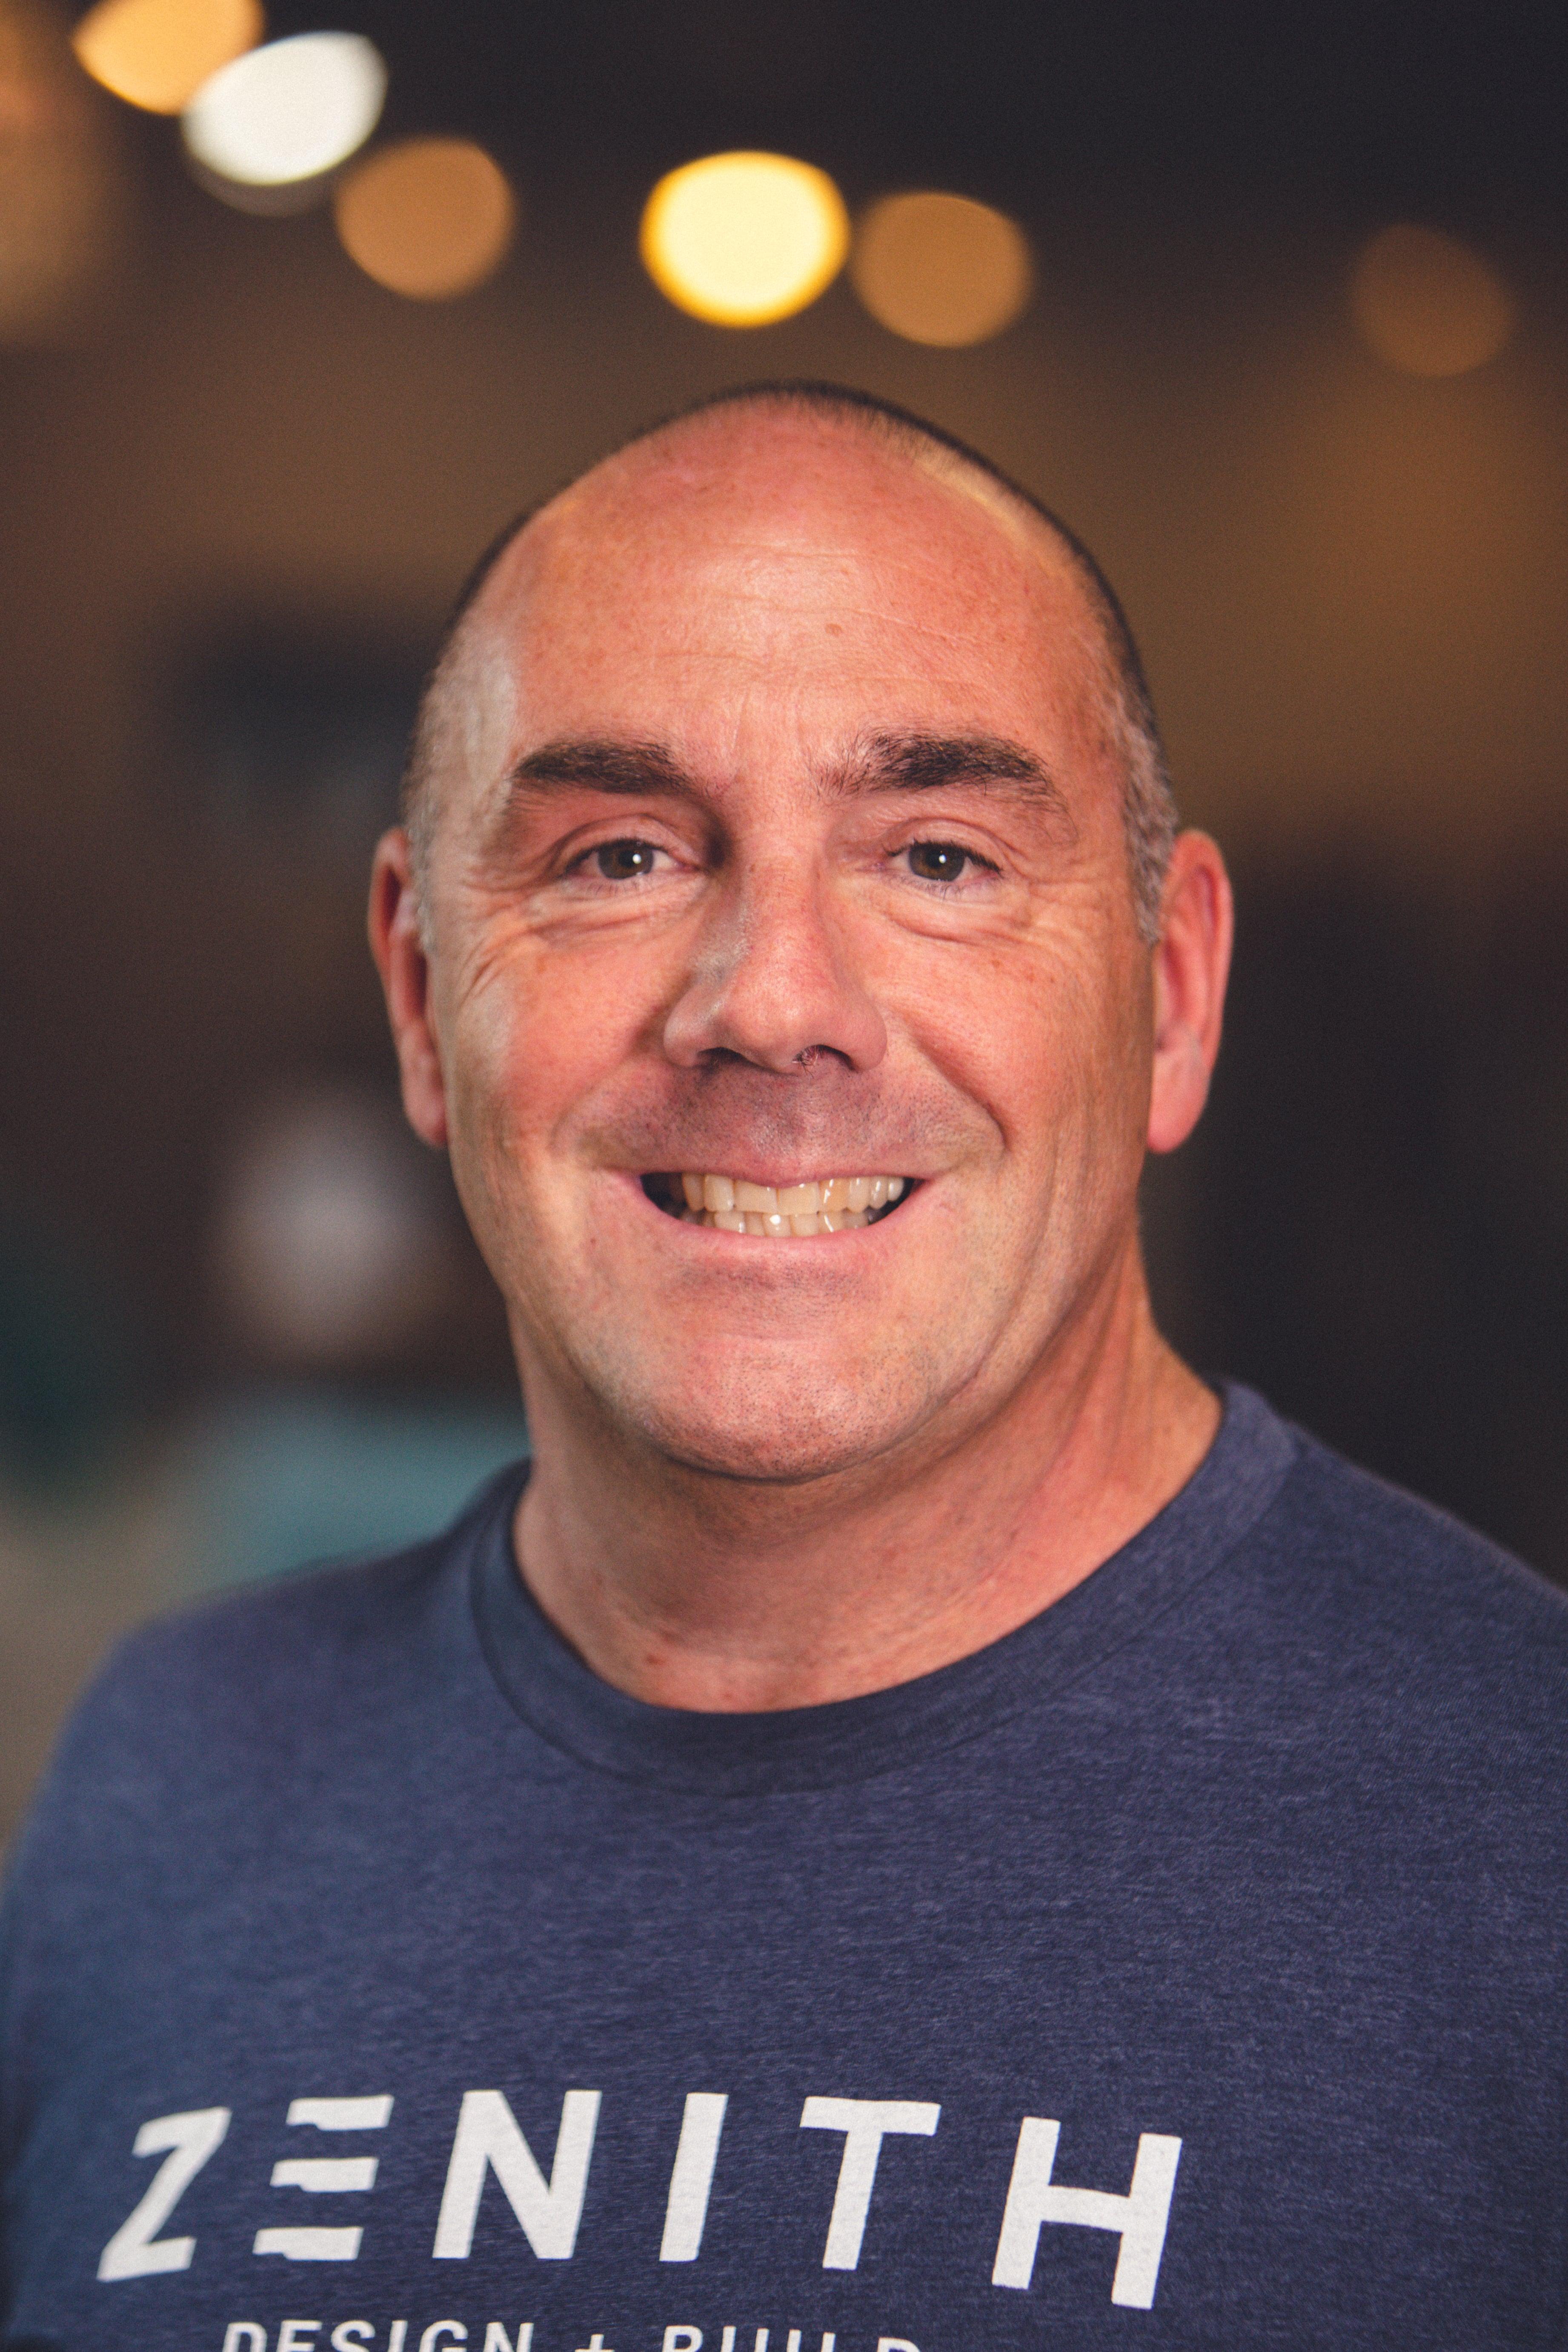 Keith Pelletier